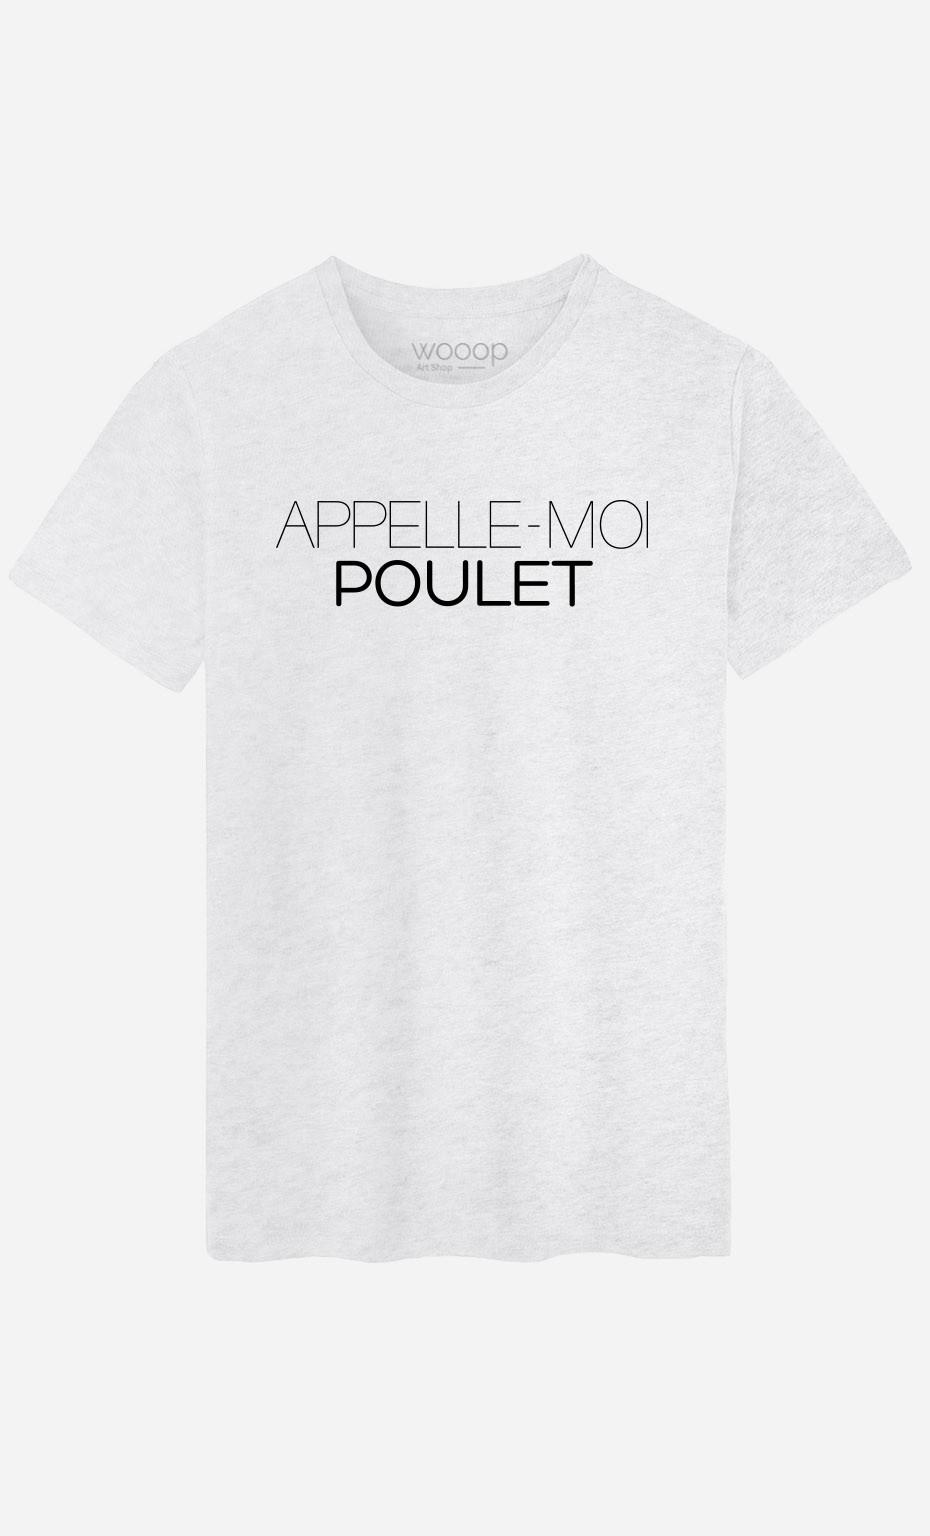 T-Shirt Appelle-Moi Poulet